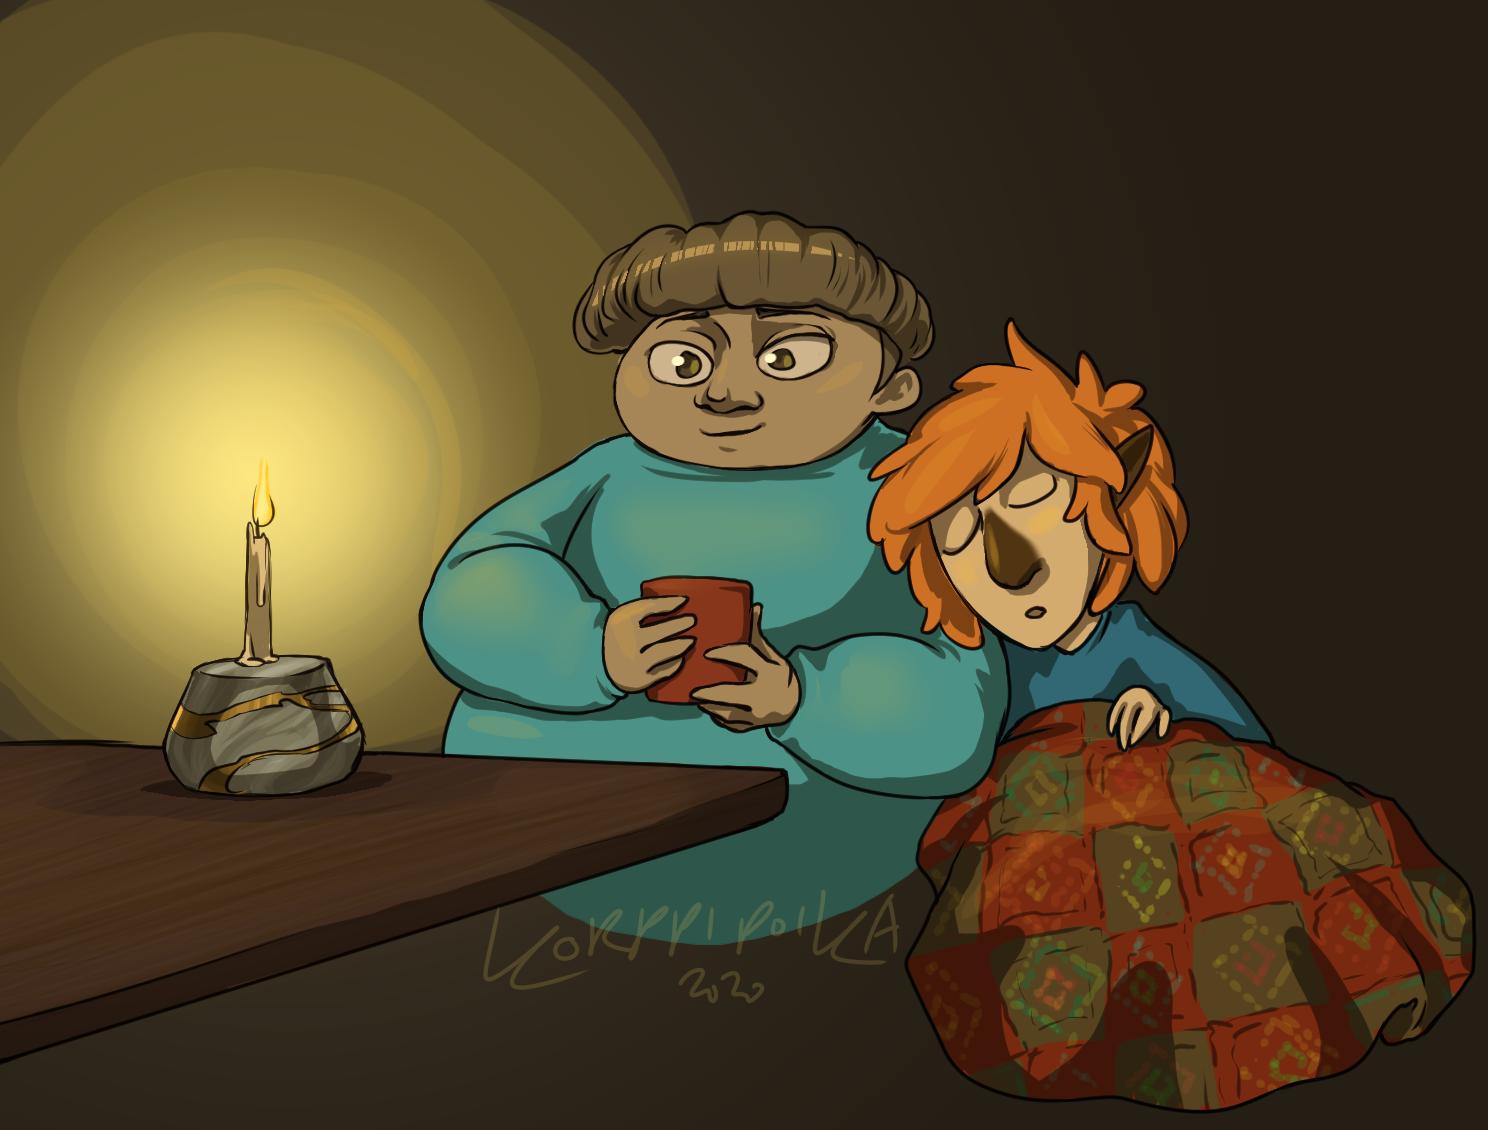 Taiteen Sulattamon maskotit rentoutuvat pöydän äärellä hartaassa tunnelmassa kynttilän valossa